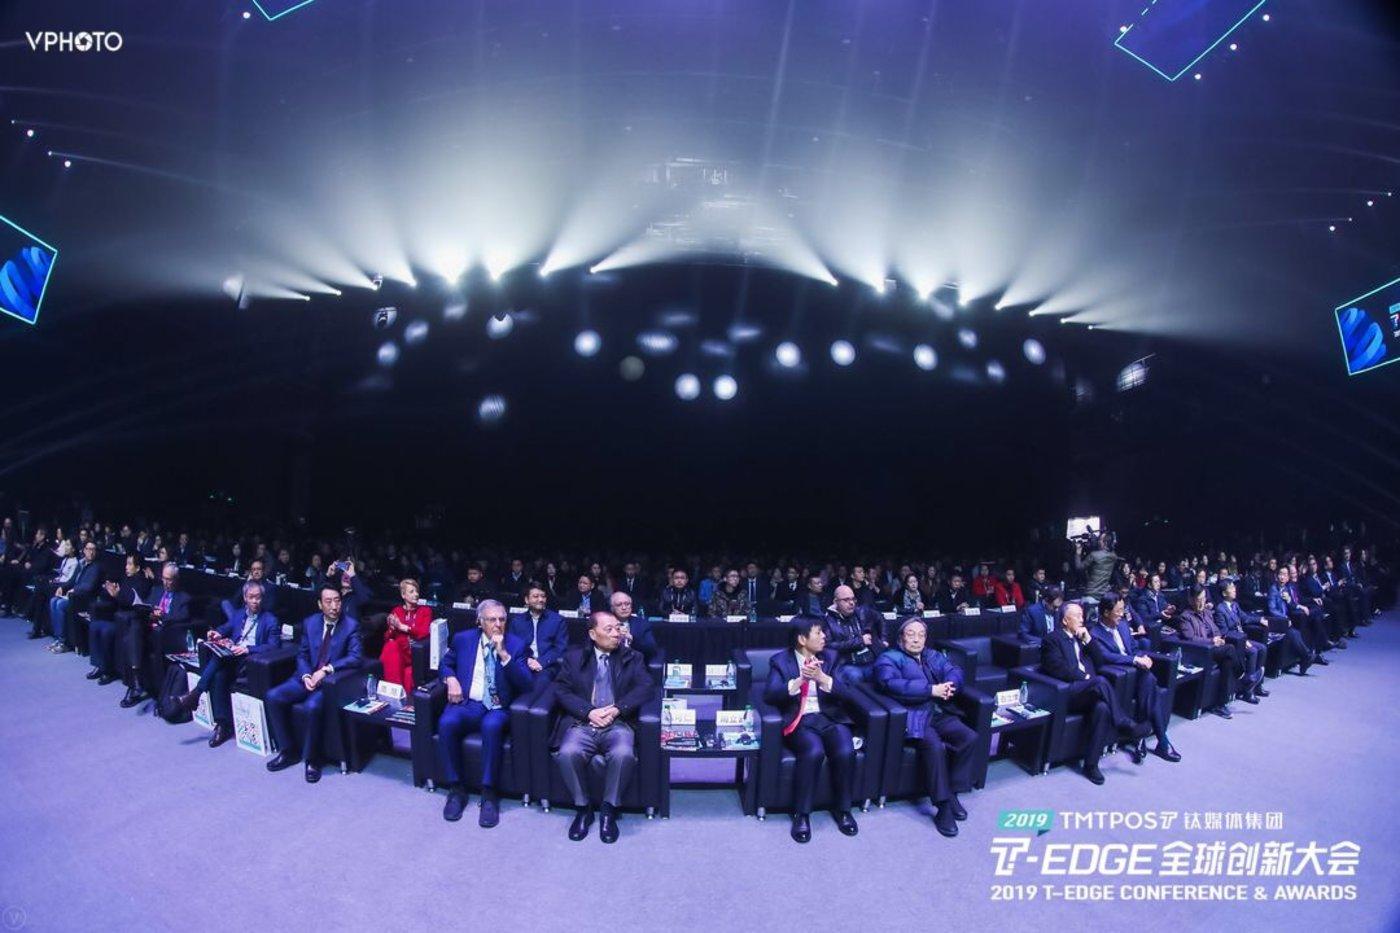 国家发改委国际合作中心副主任刘建兴致辞:科技创新需要开放包容的心态   2019 T-EDGE